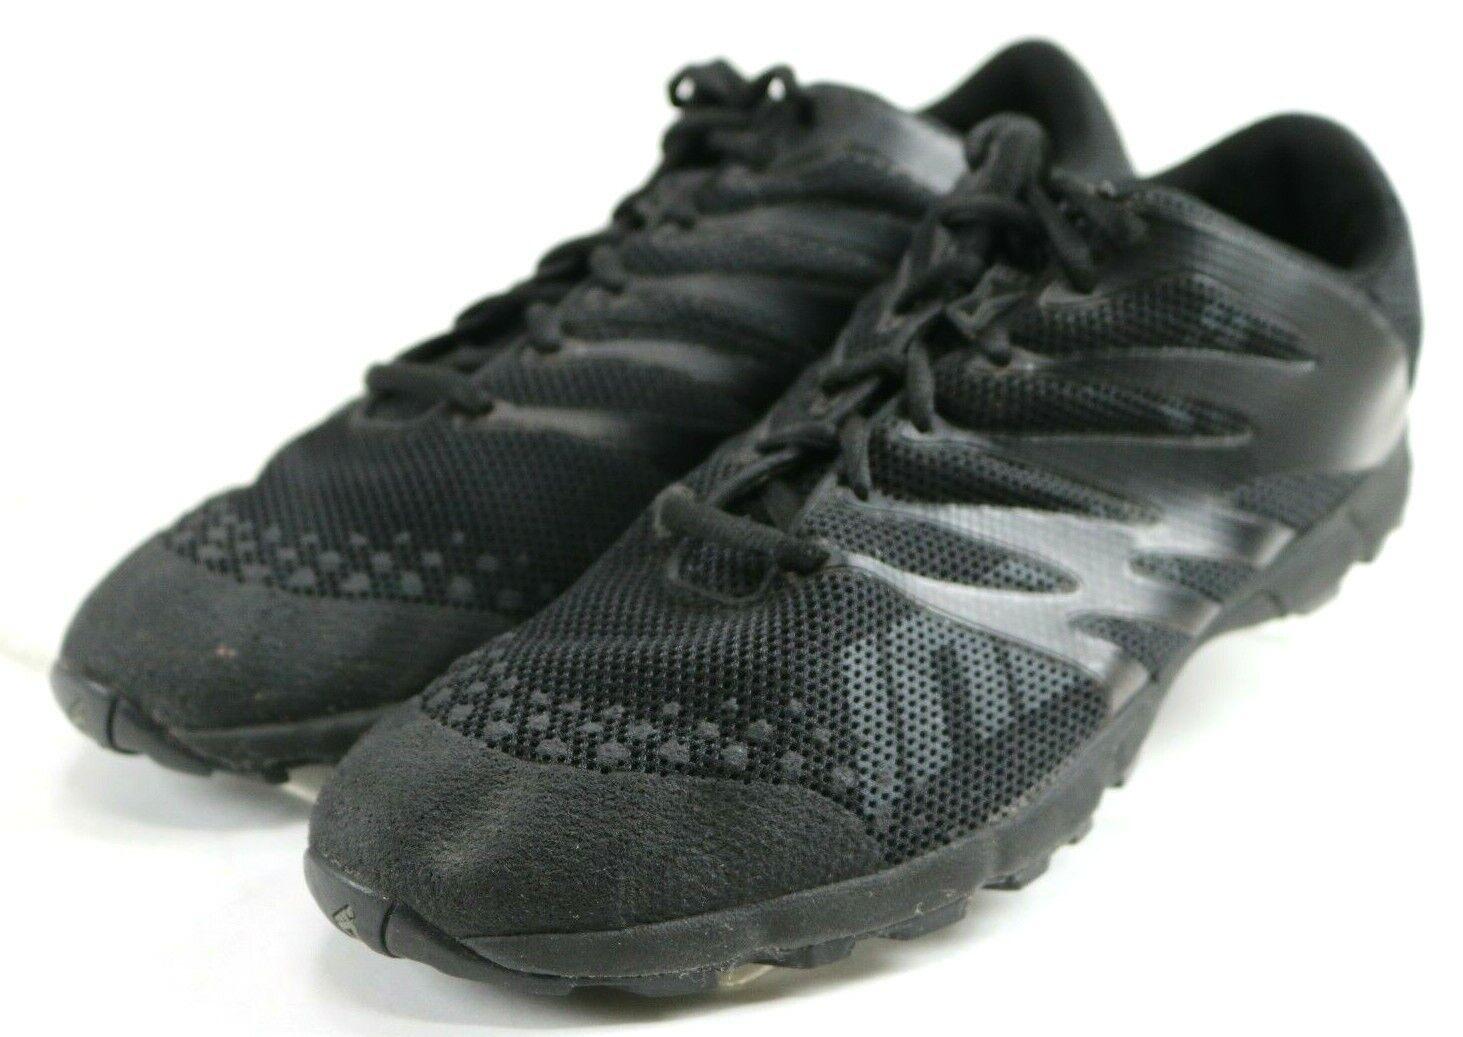 Inov8 Mens F-Lite 230  110 Women's Training shoes Size 9.5 Black